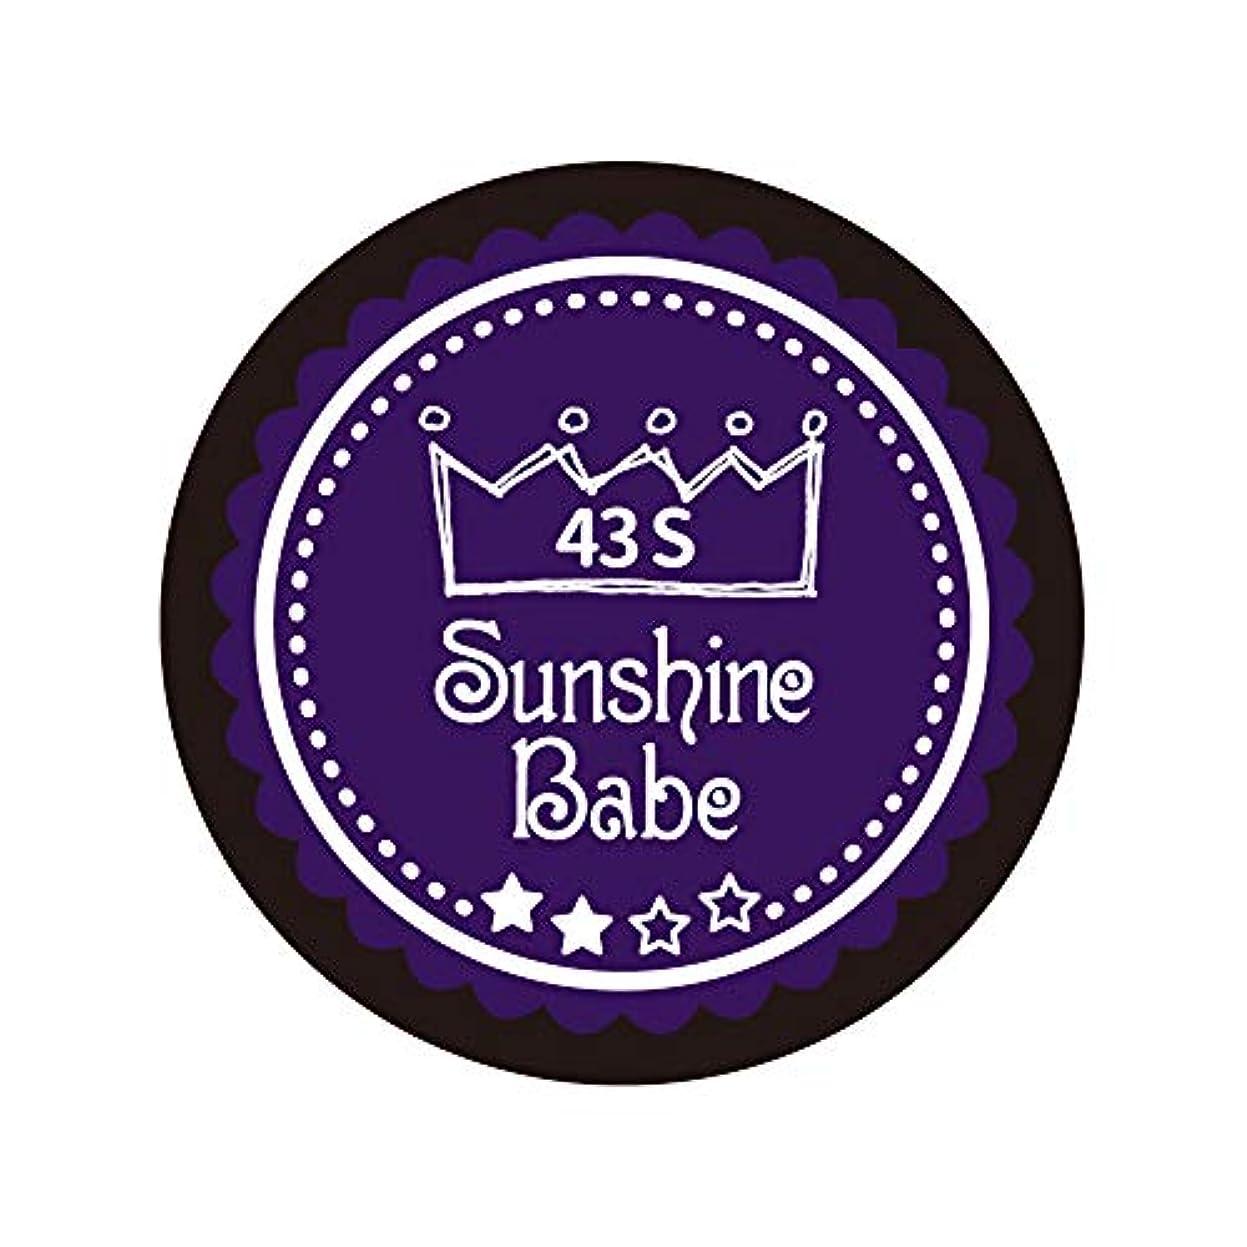 びん作詞家手のひらSunshine Babe カラージェル 43S オータムウルトラバイオレット 4g UV/LED対応